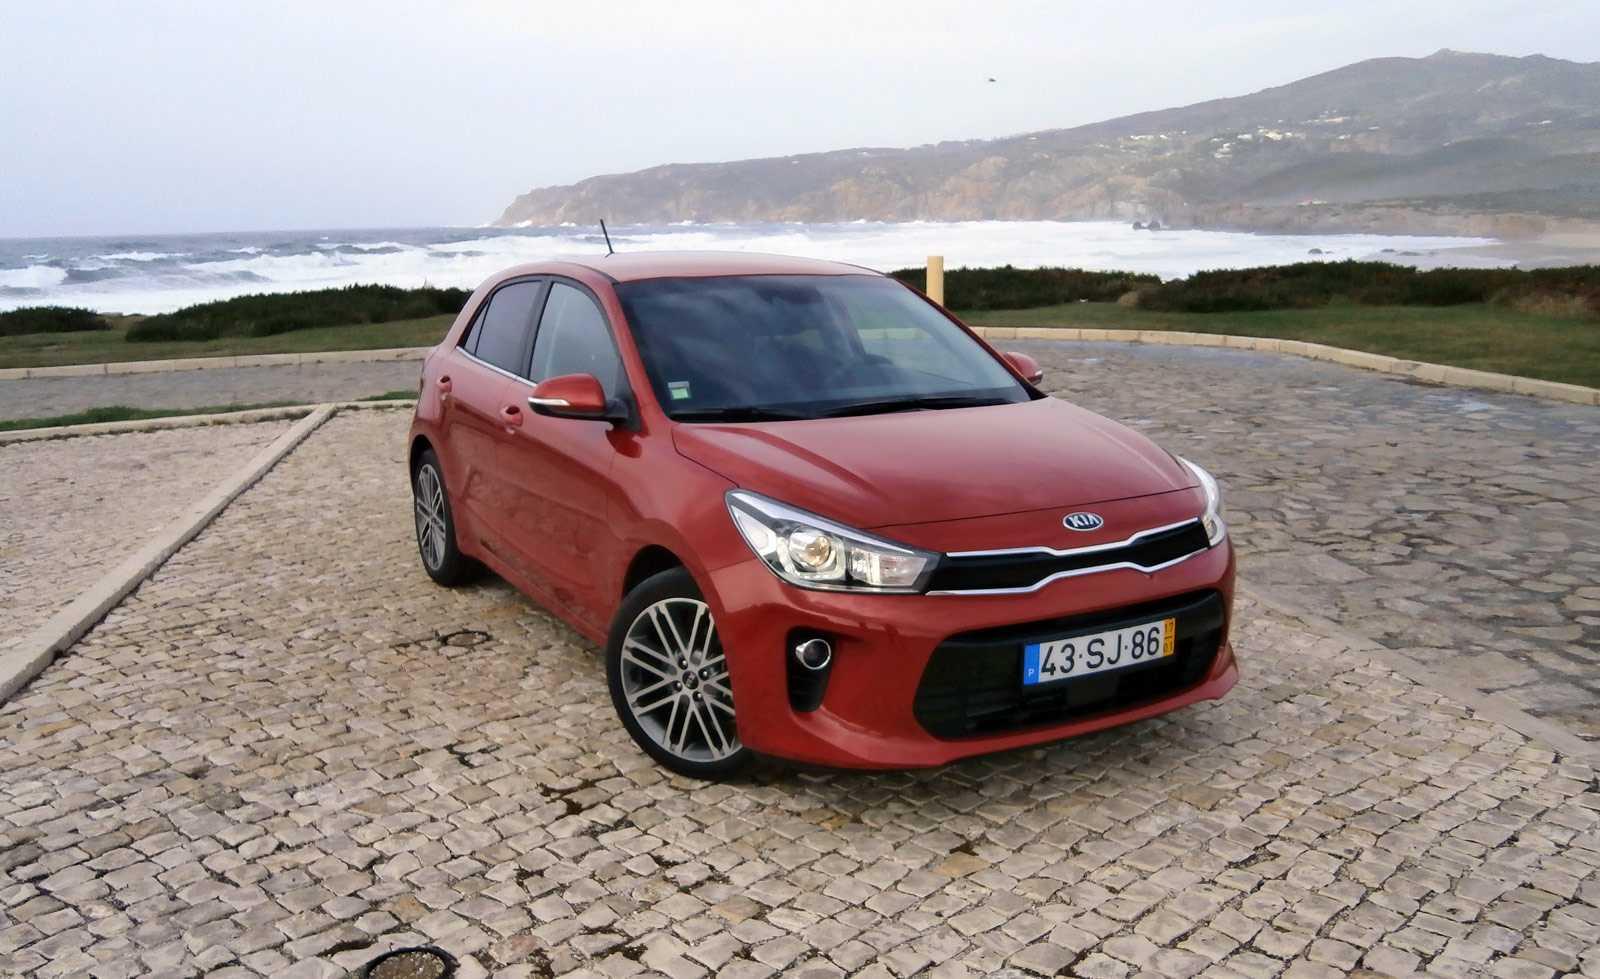 Киа селтос 2021 новый кузов, цены, комплектации, фото, видео тест-драйв